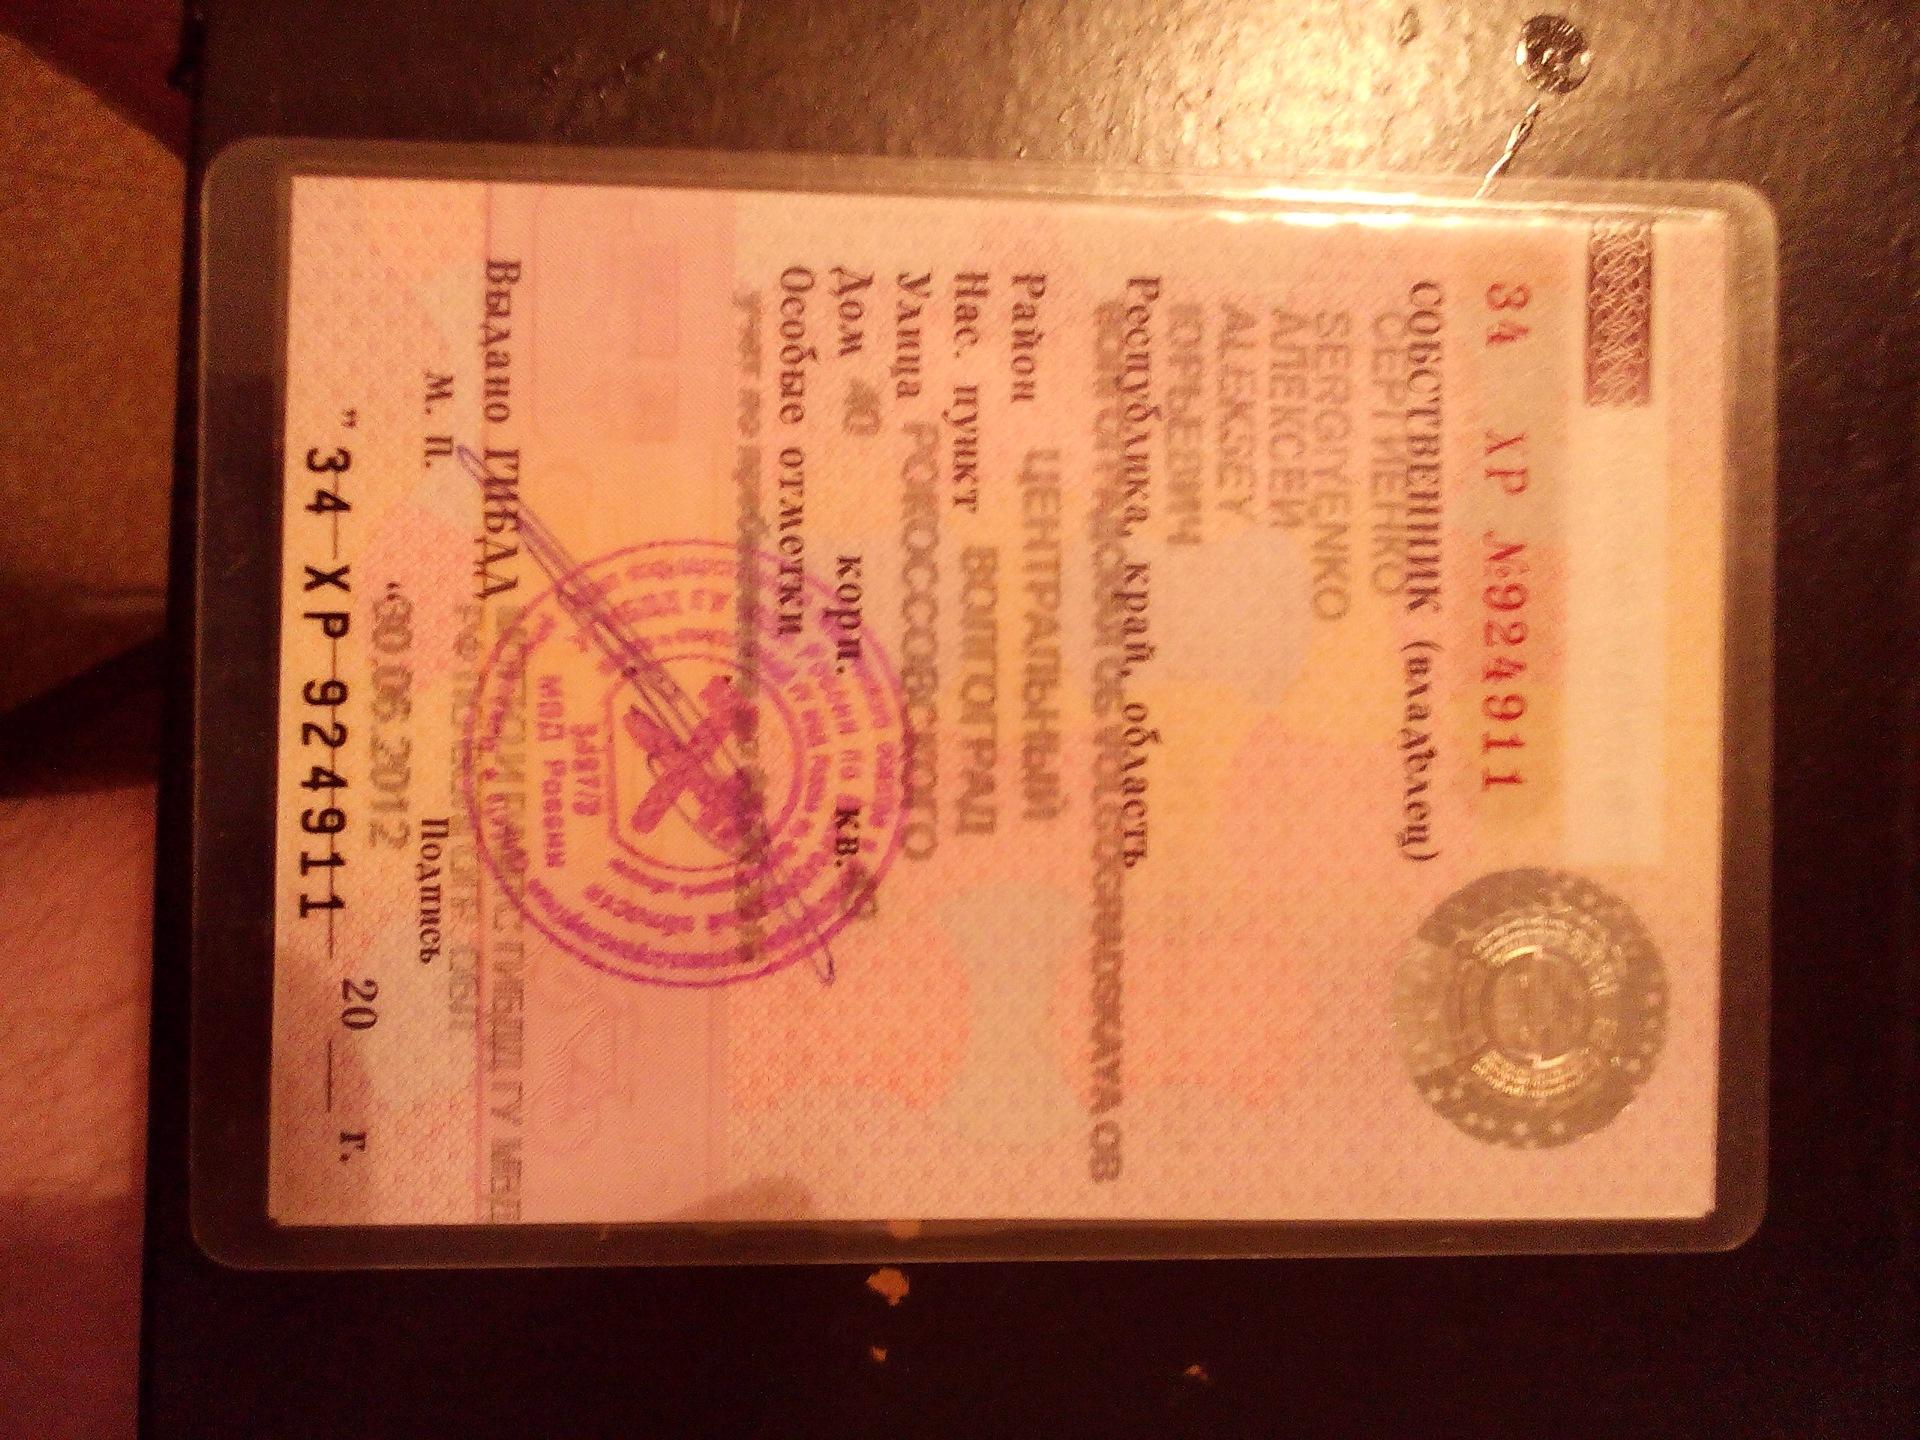 Временная регистрация и гаи где сделать медицинскую книжку в симферополе